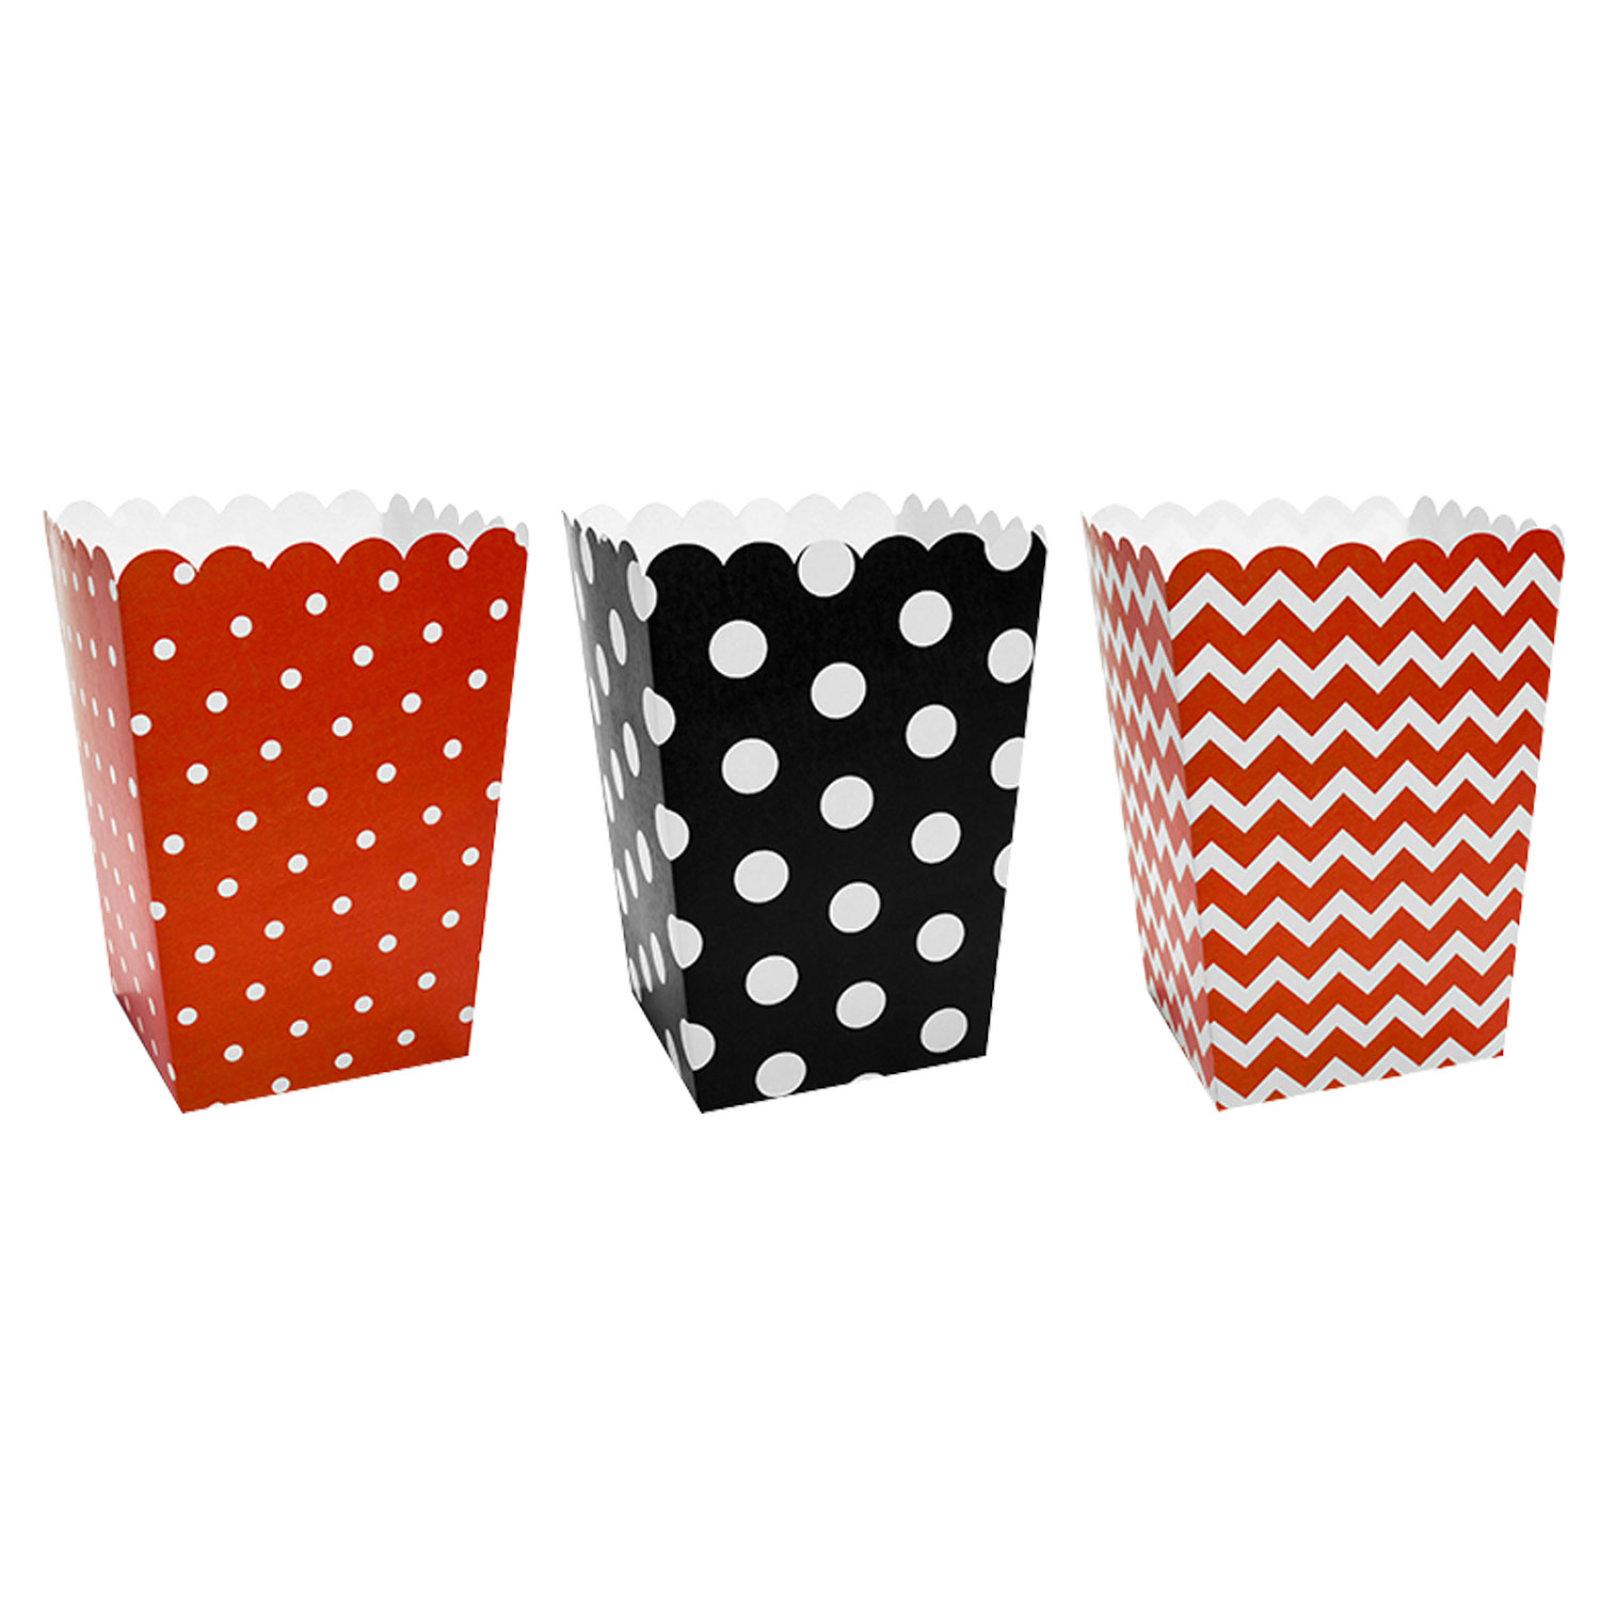 6 popcorn boxen gepunktet gestreift rot schwarz wei der ideen. Black Bedroom Furniture Sets. Home Design Ideas